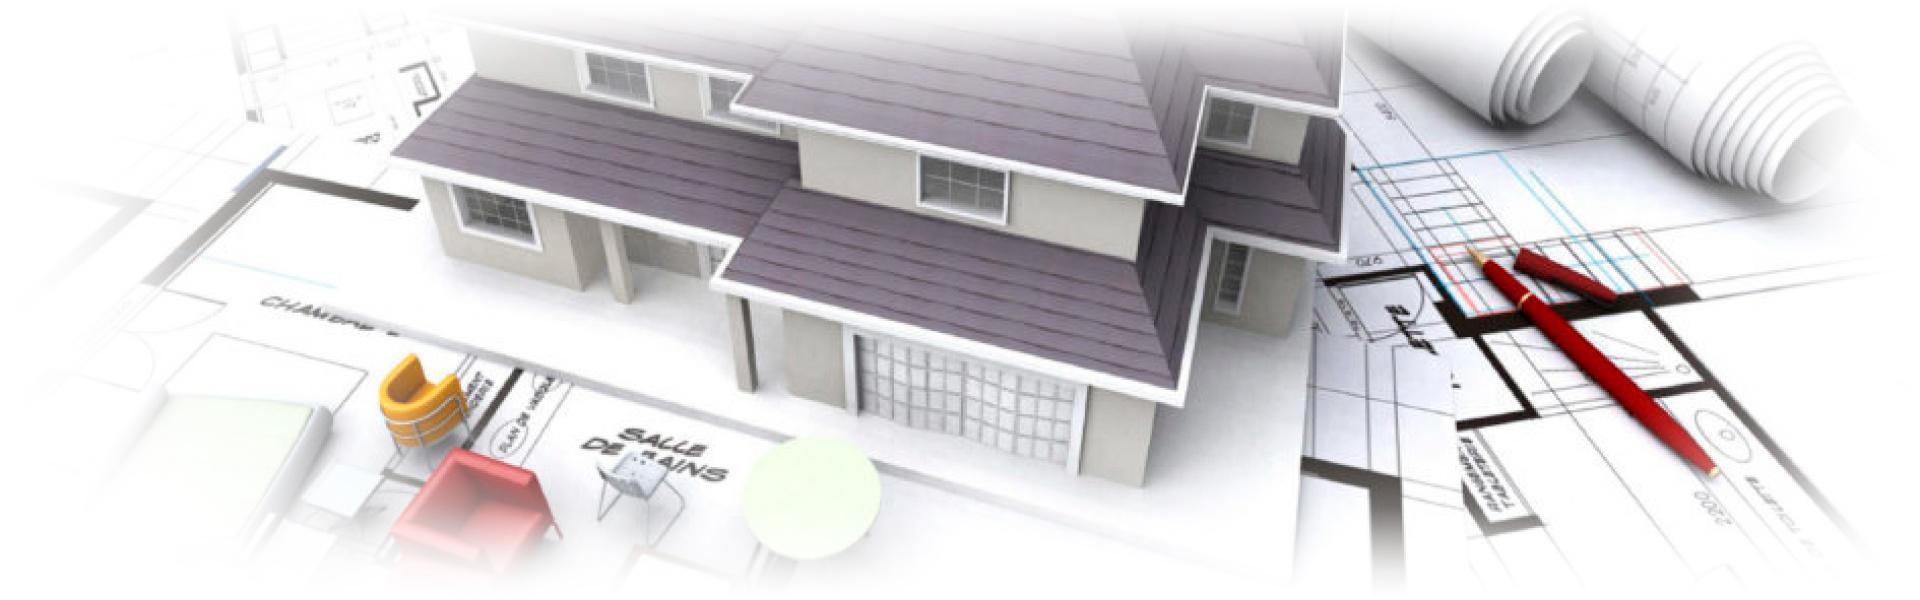 Domótica para impulsar sus ventas_Homections_Inmobiliarias